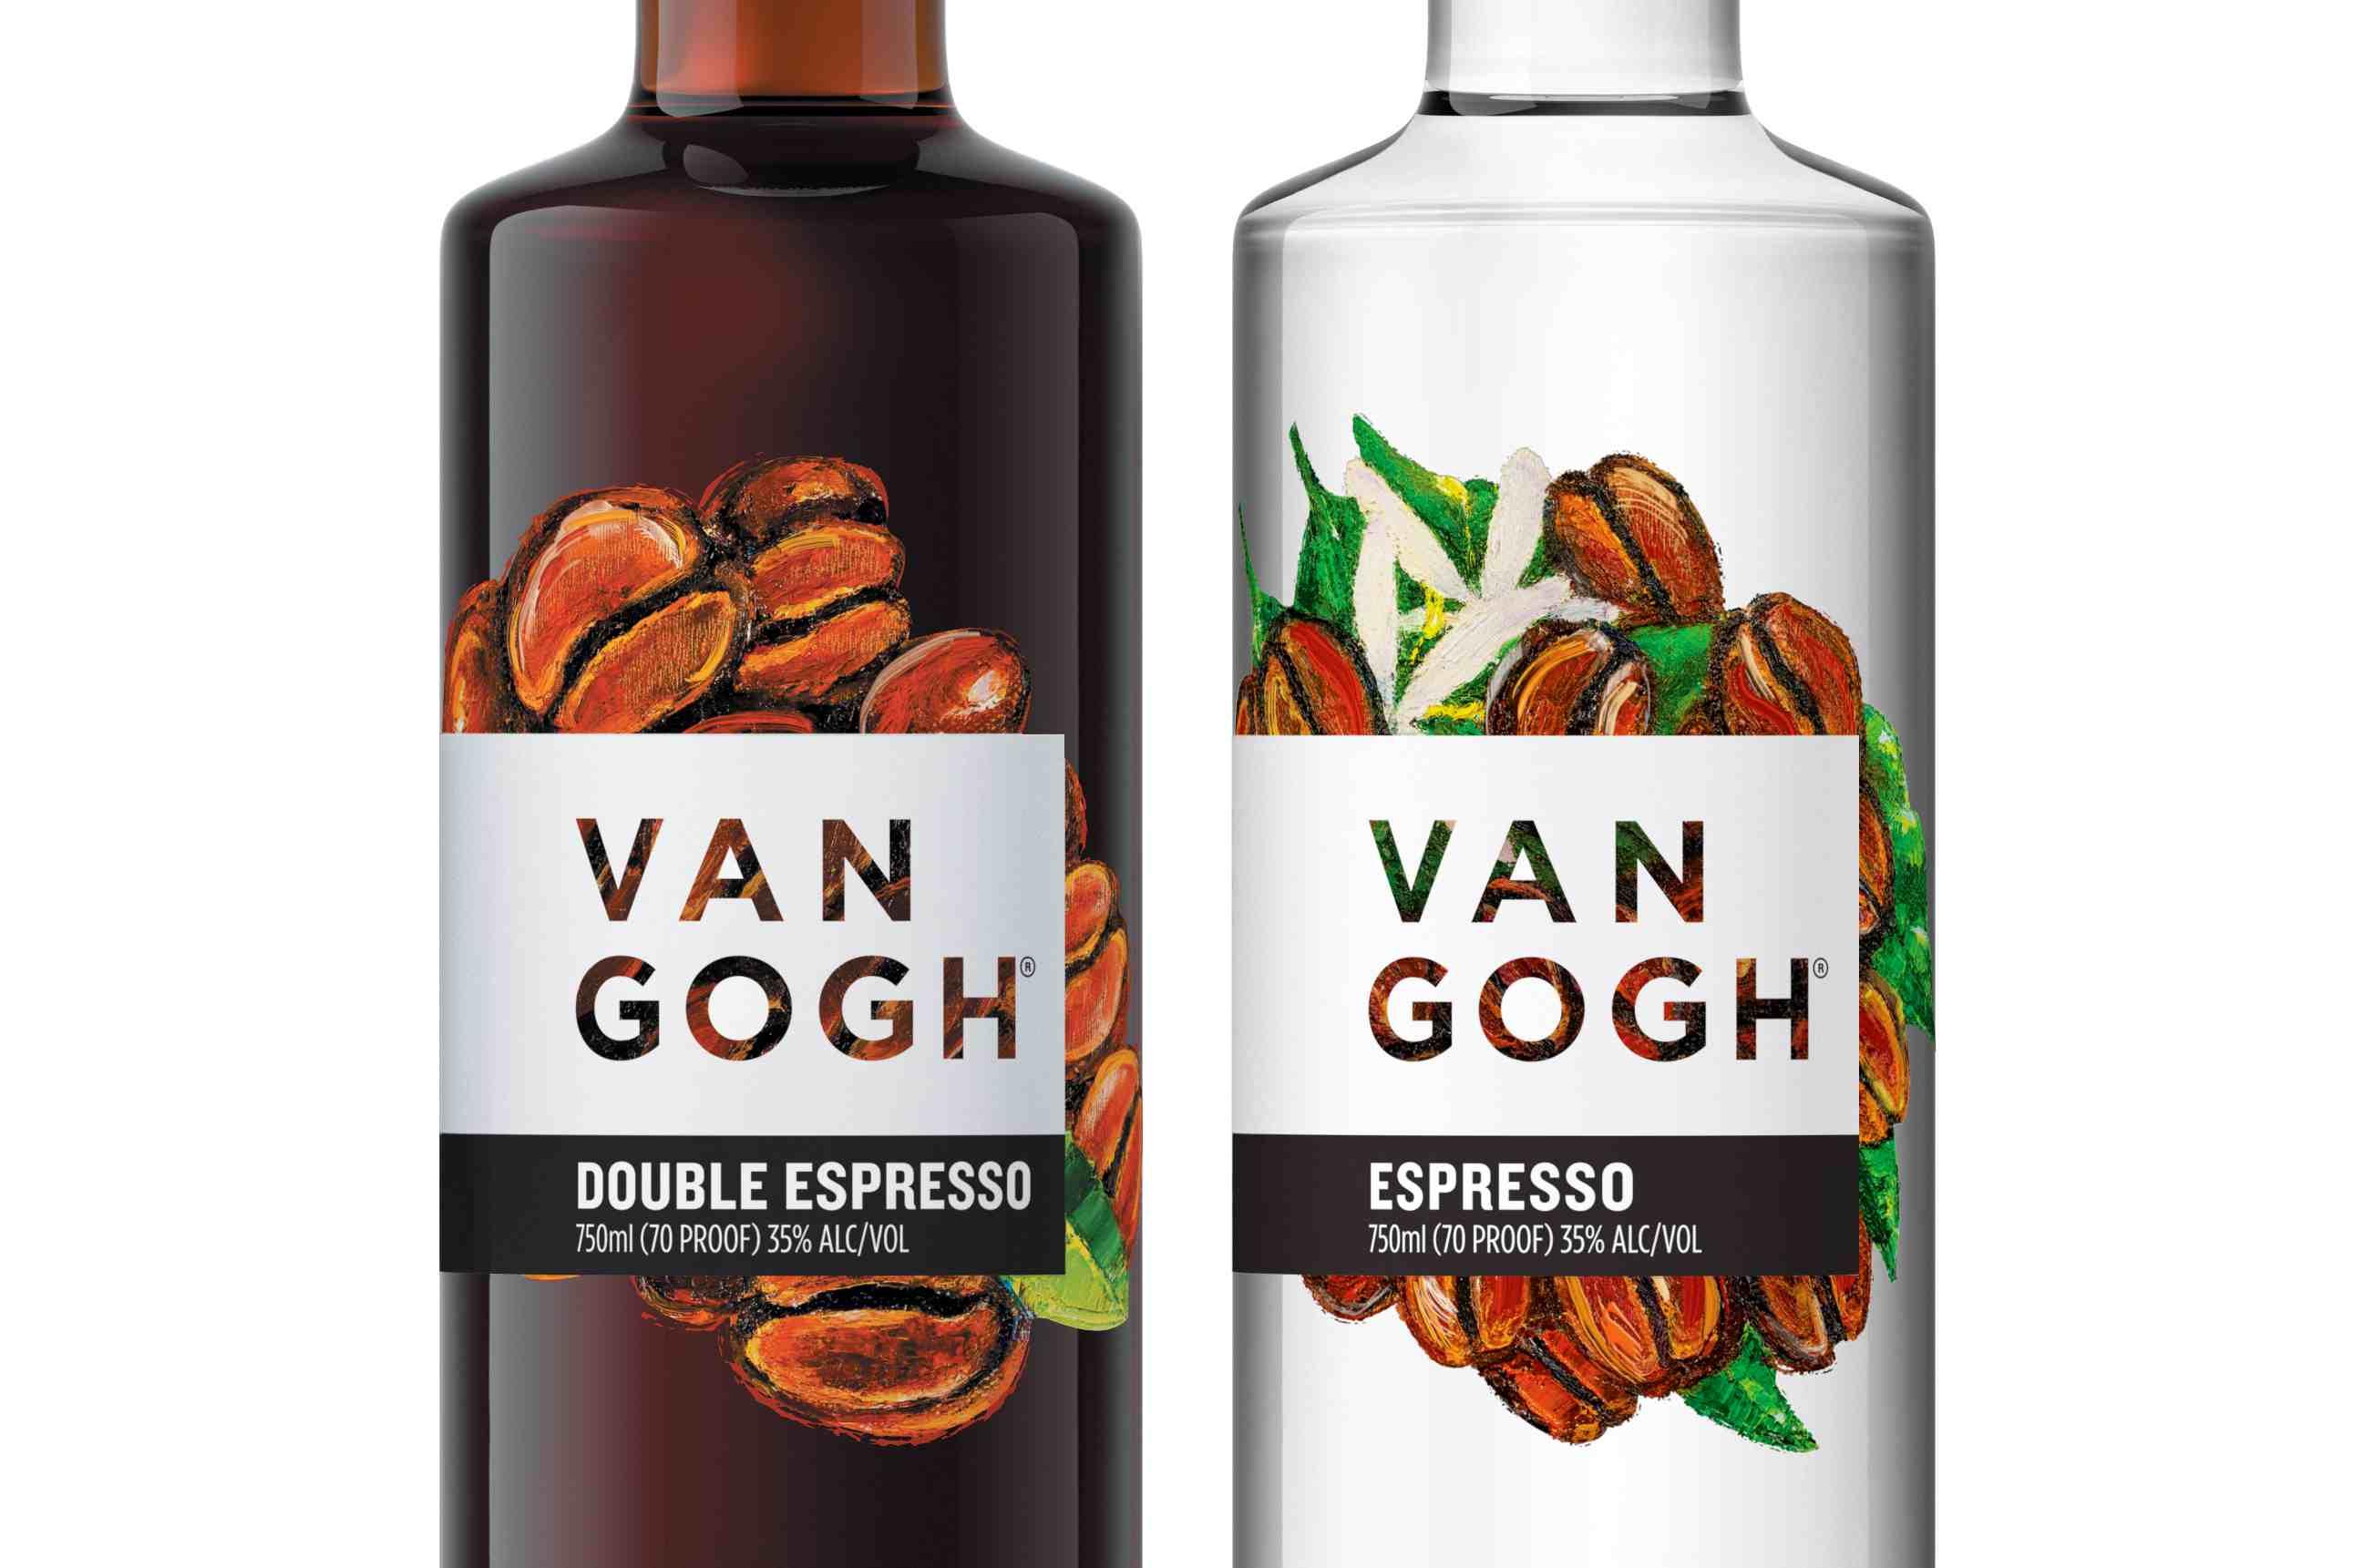 Van Gogh Espresso and Double Espresso Vodkas